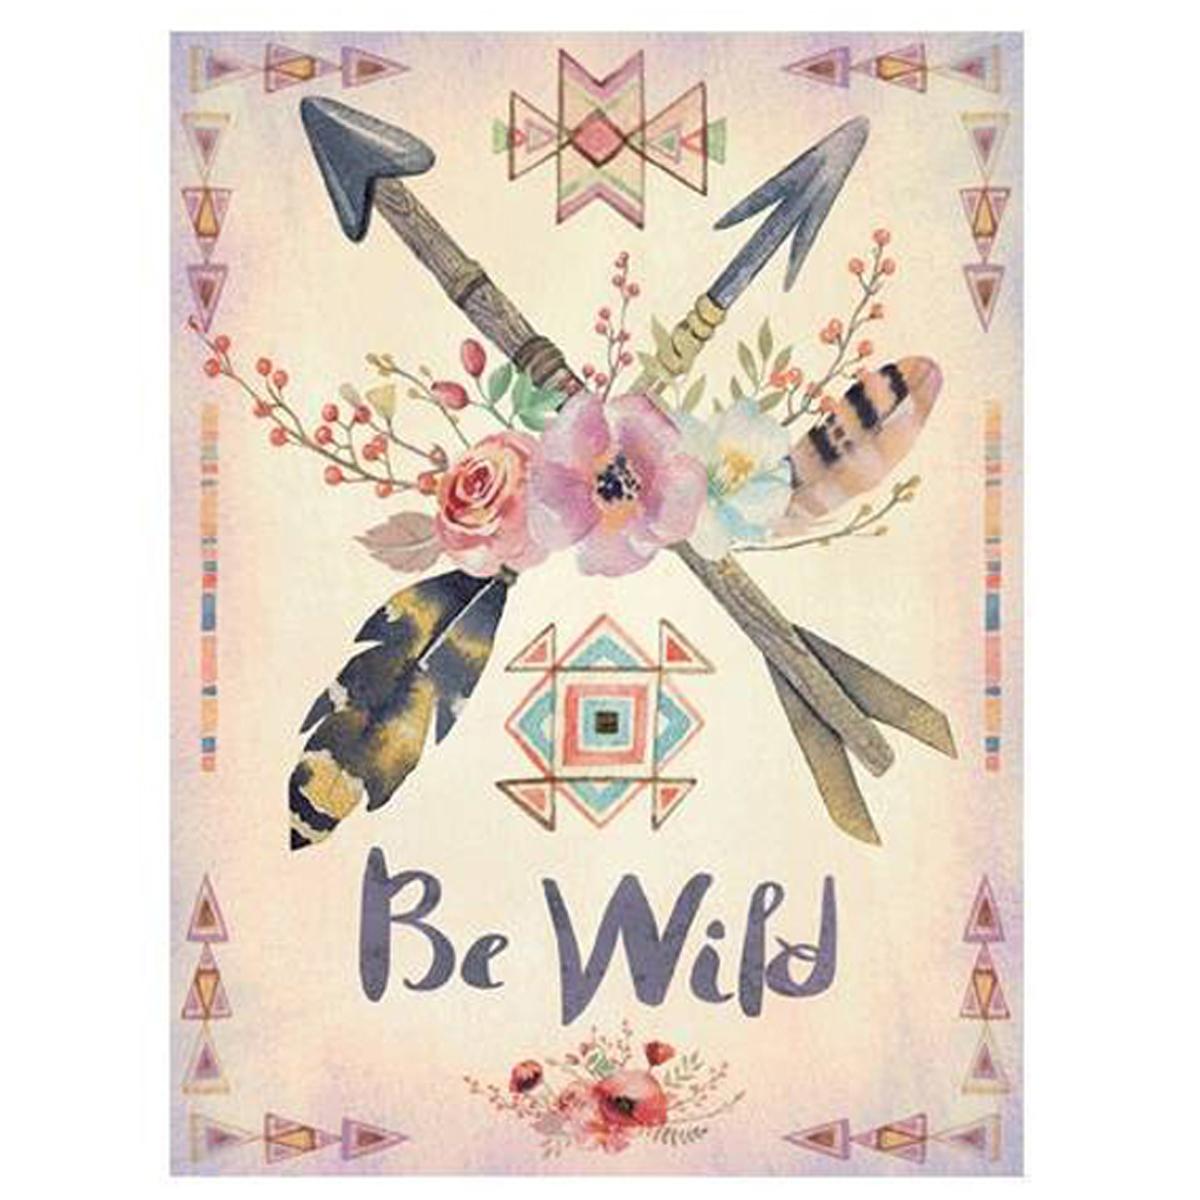 Toile \'Boho\' beige multicolore (Be Wild) - 40x30 cm - [P1812]